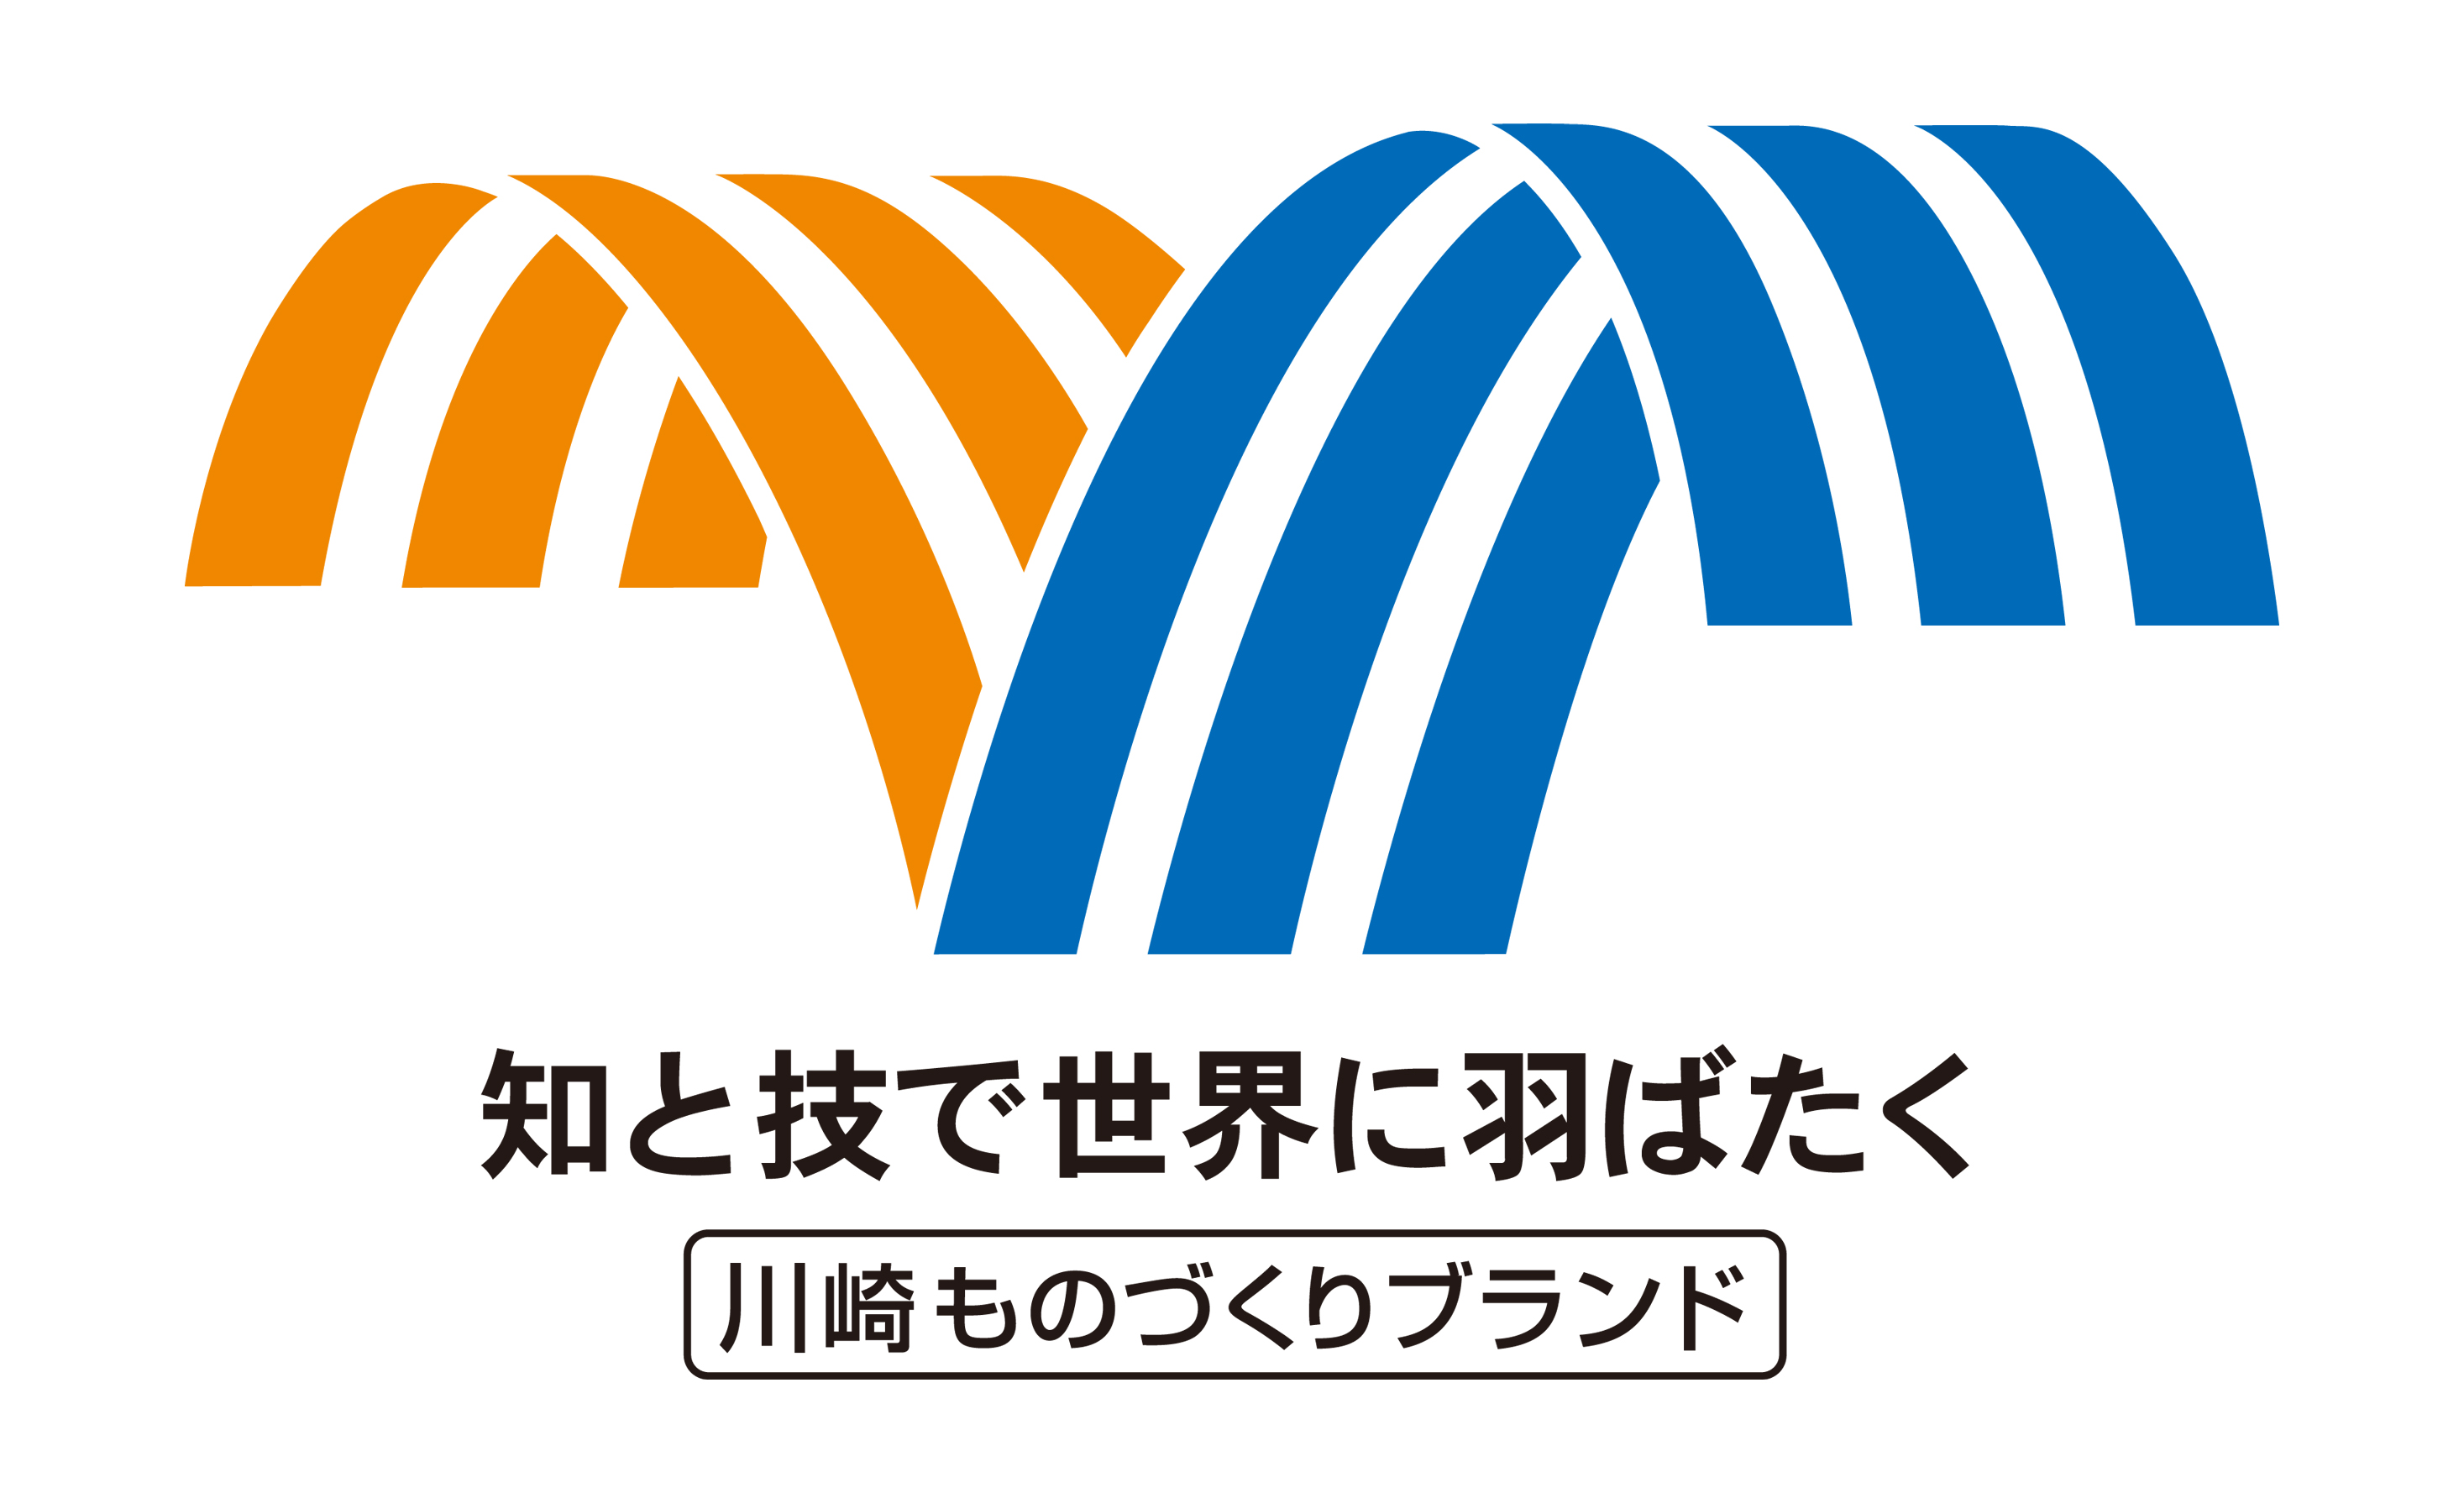 第17回 川崎ものづくりブランド認定製品・技術を募集